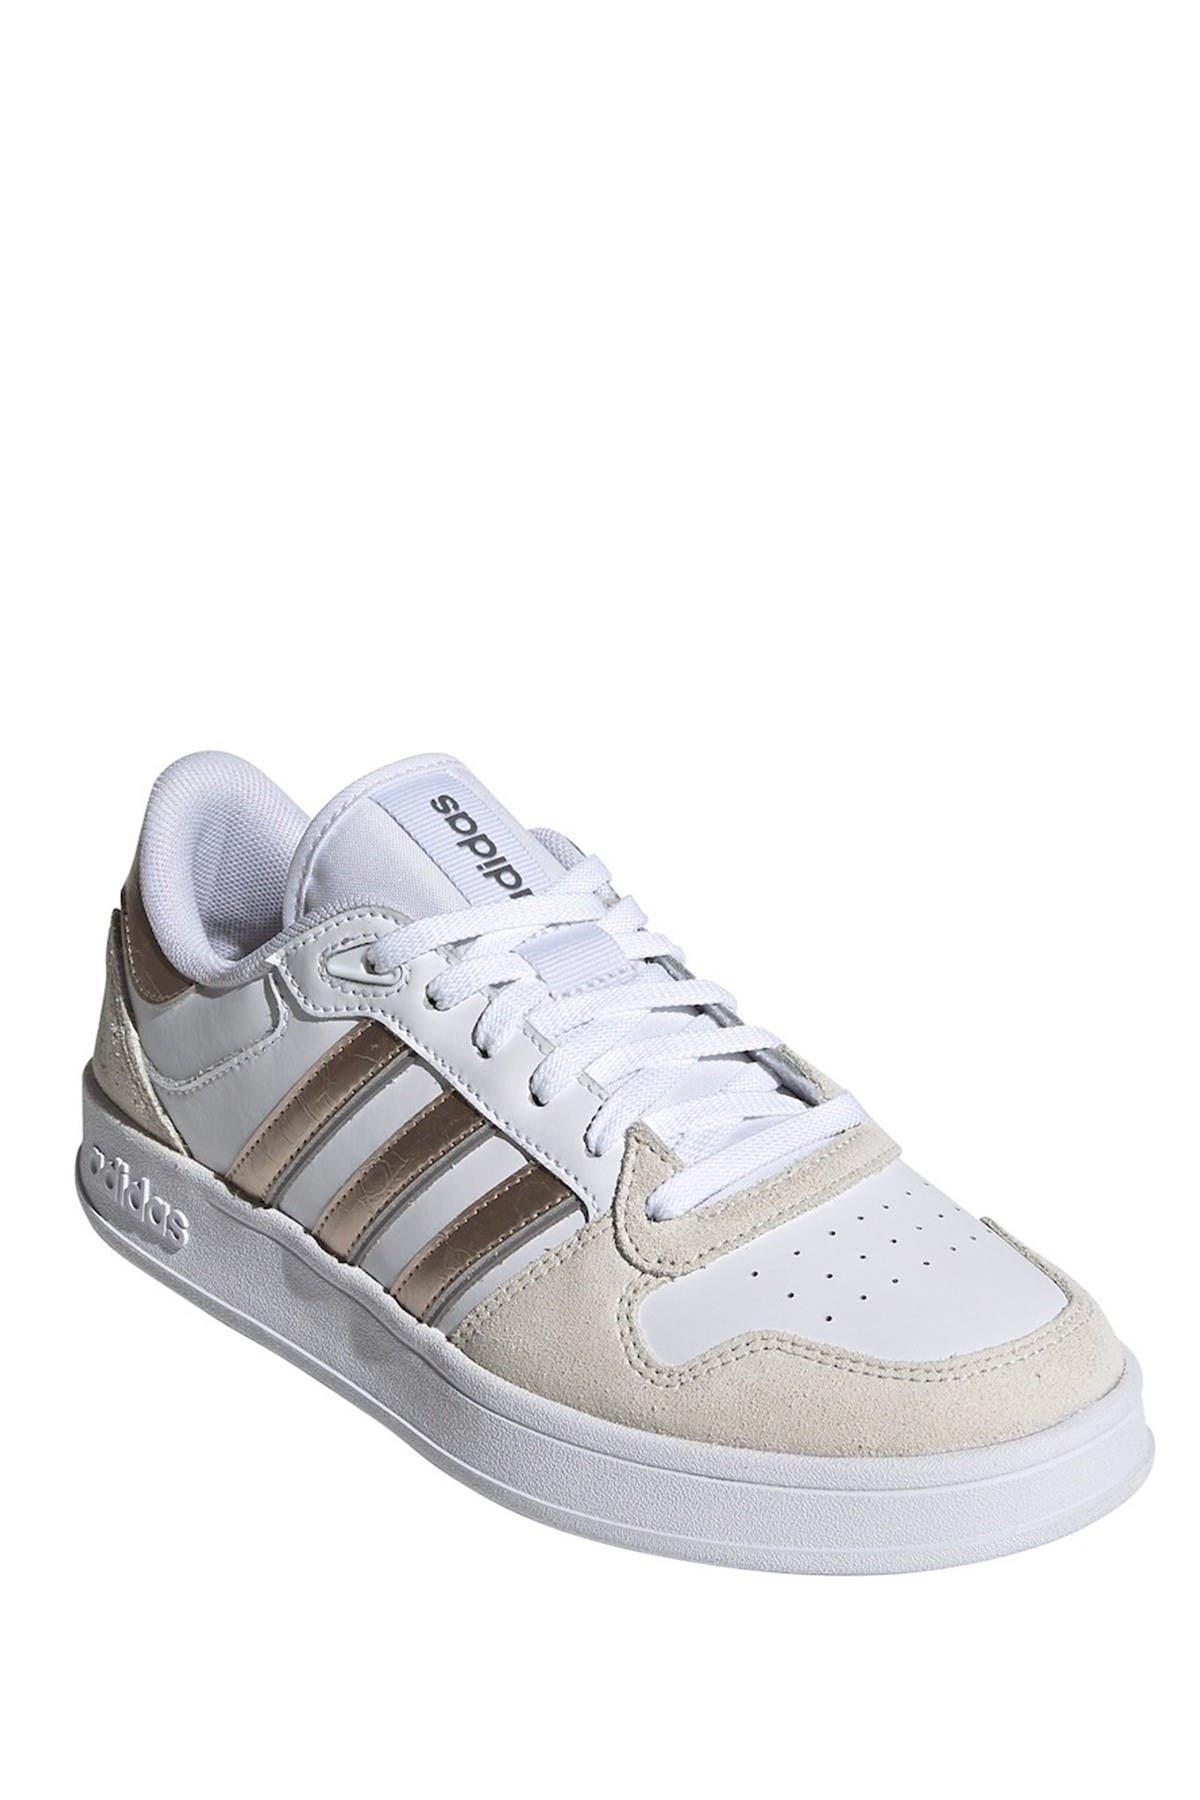 Image of adidas Breaknet Plus Sneaker